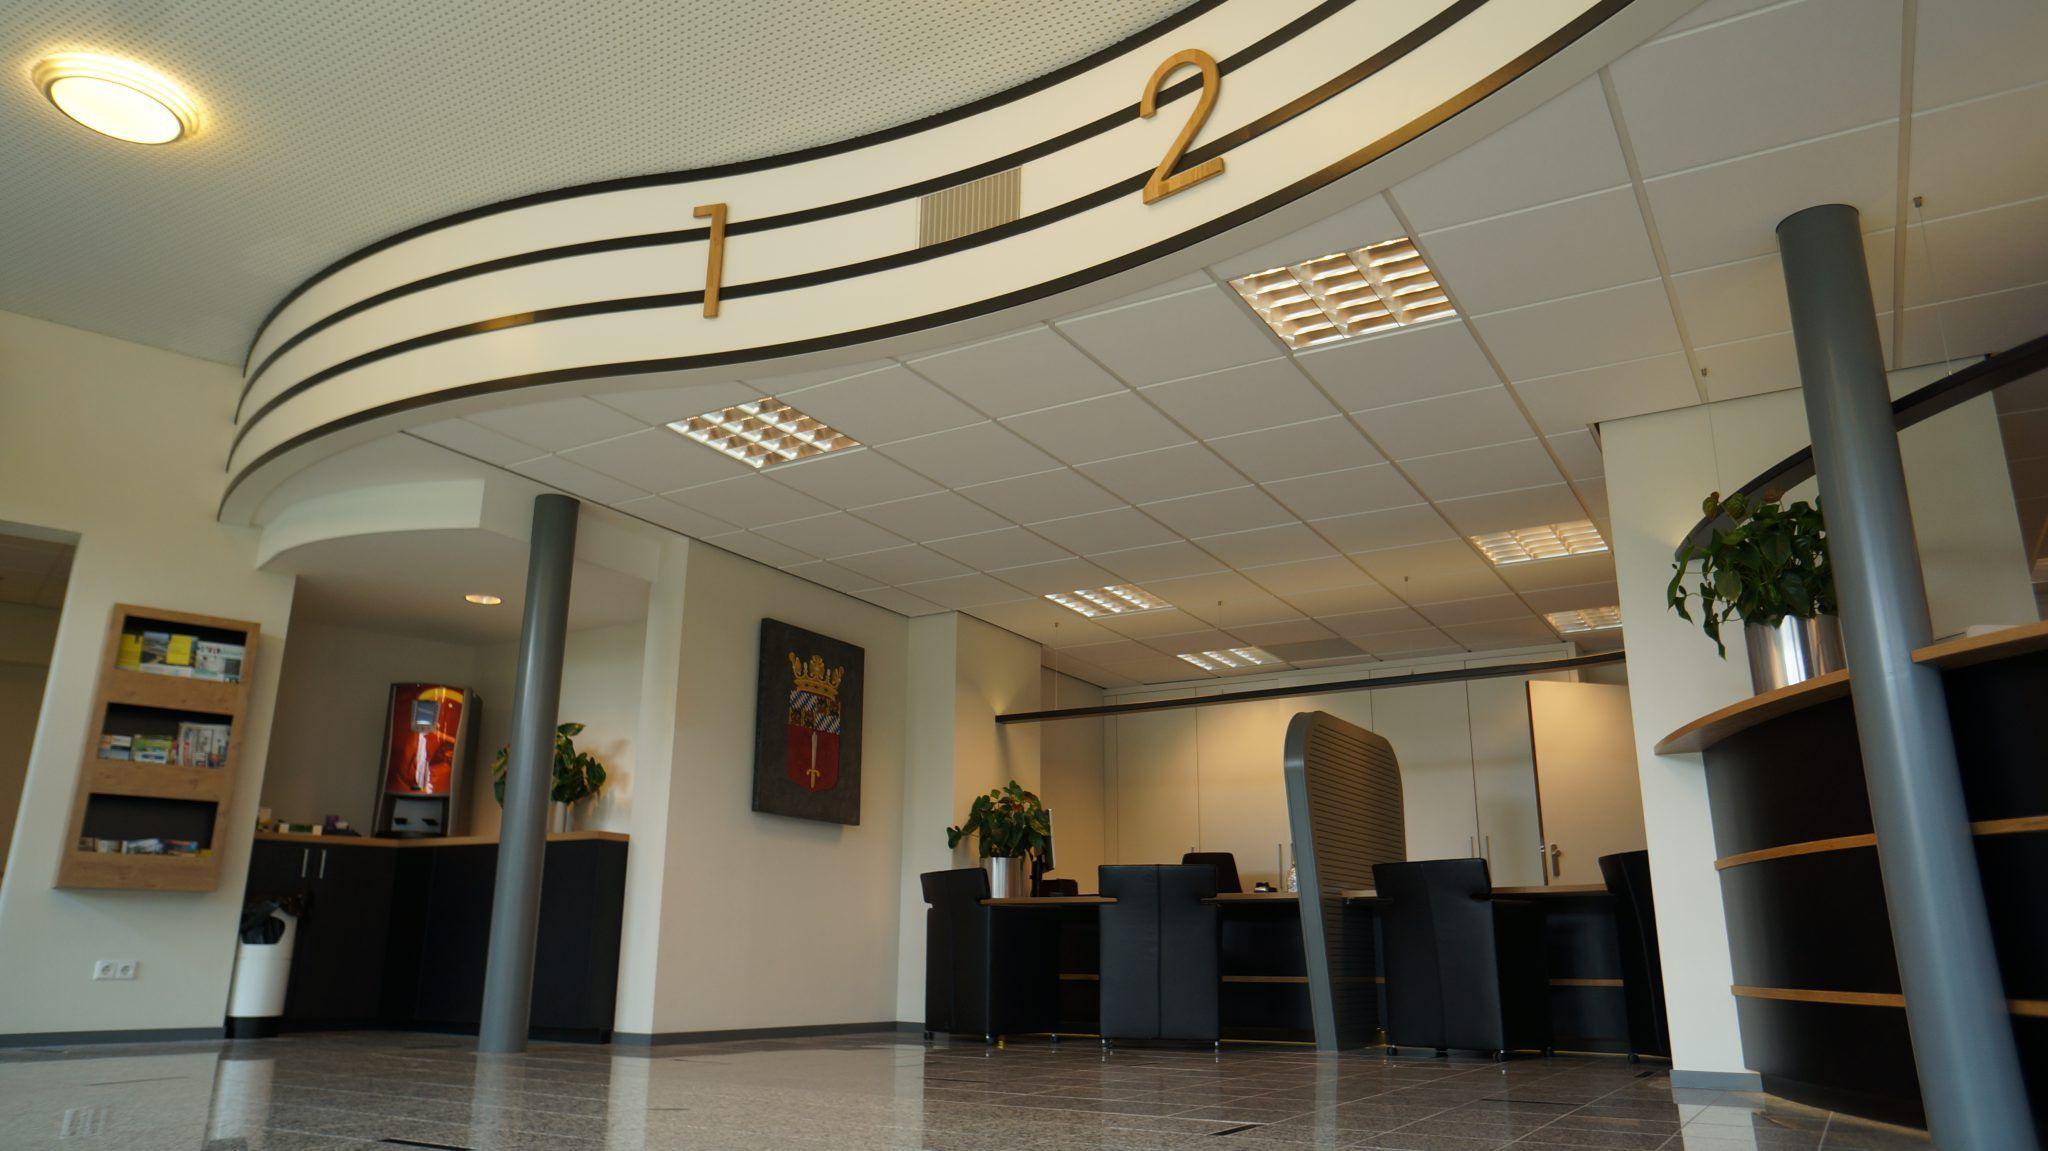 Interieur gemeentehuis reimerswaal goetheer en huissoon for Interieur 05 nl